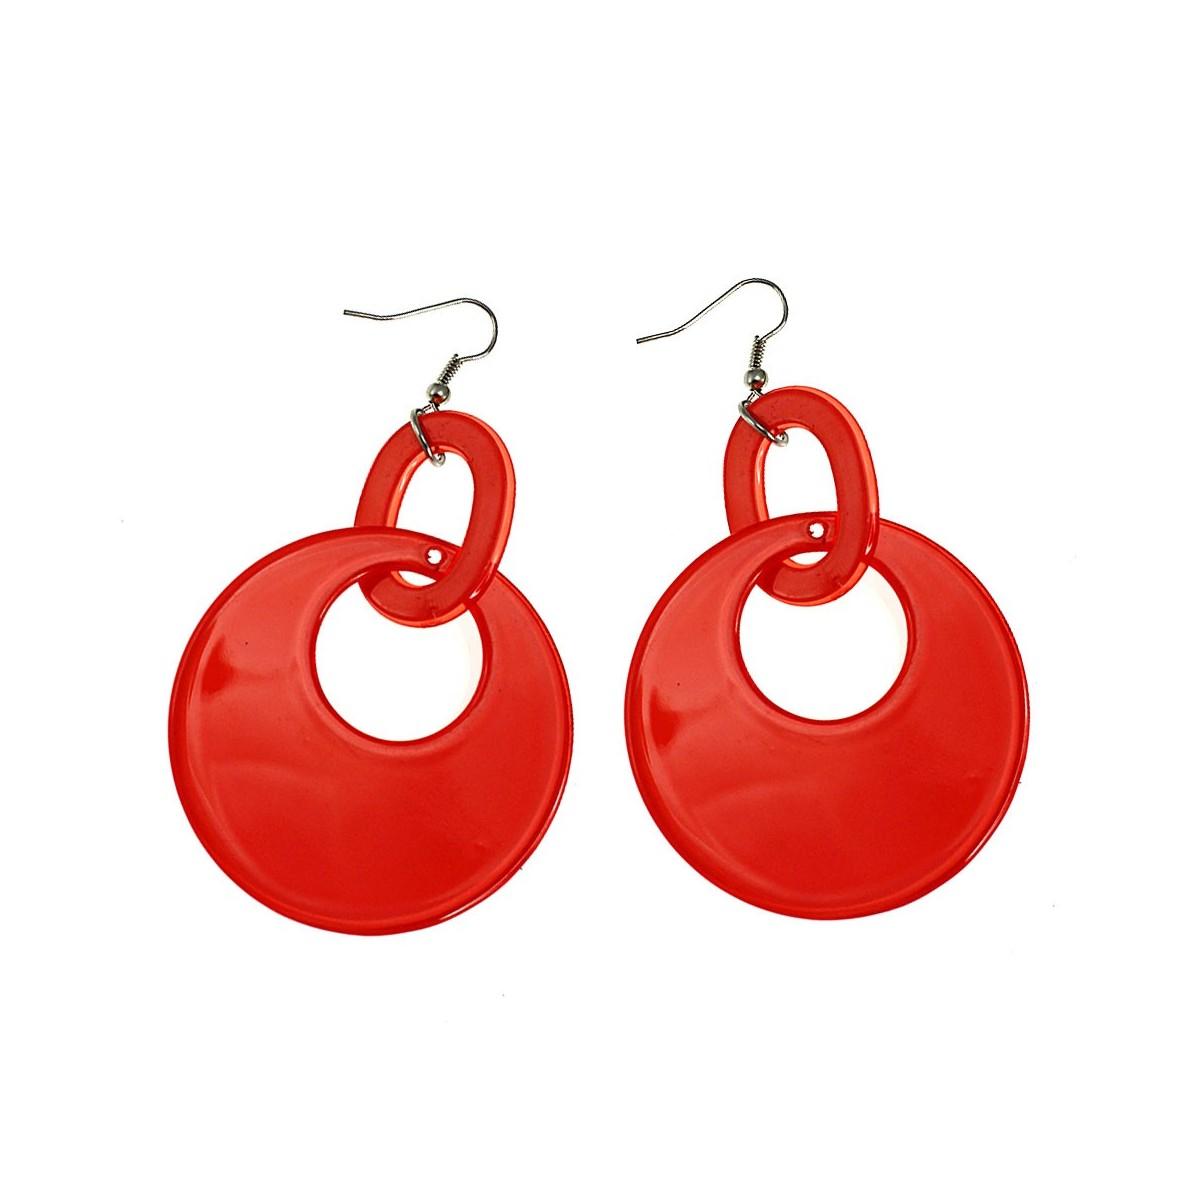 Boucles d'oreilles anneaux orange